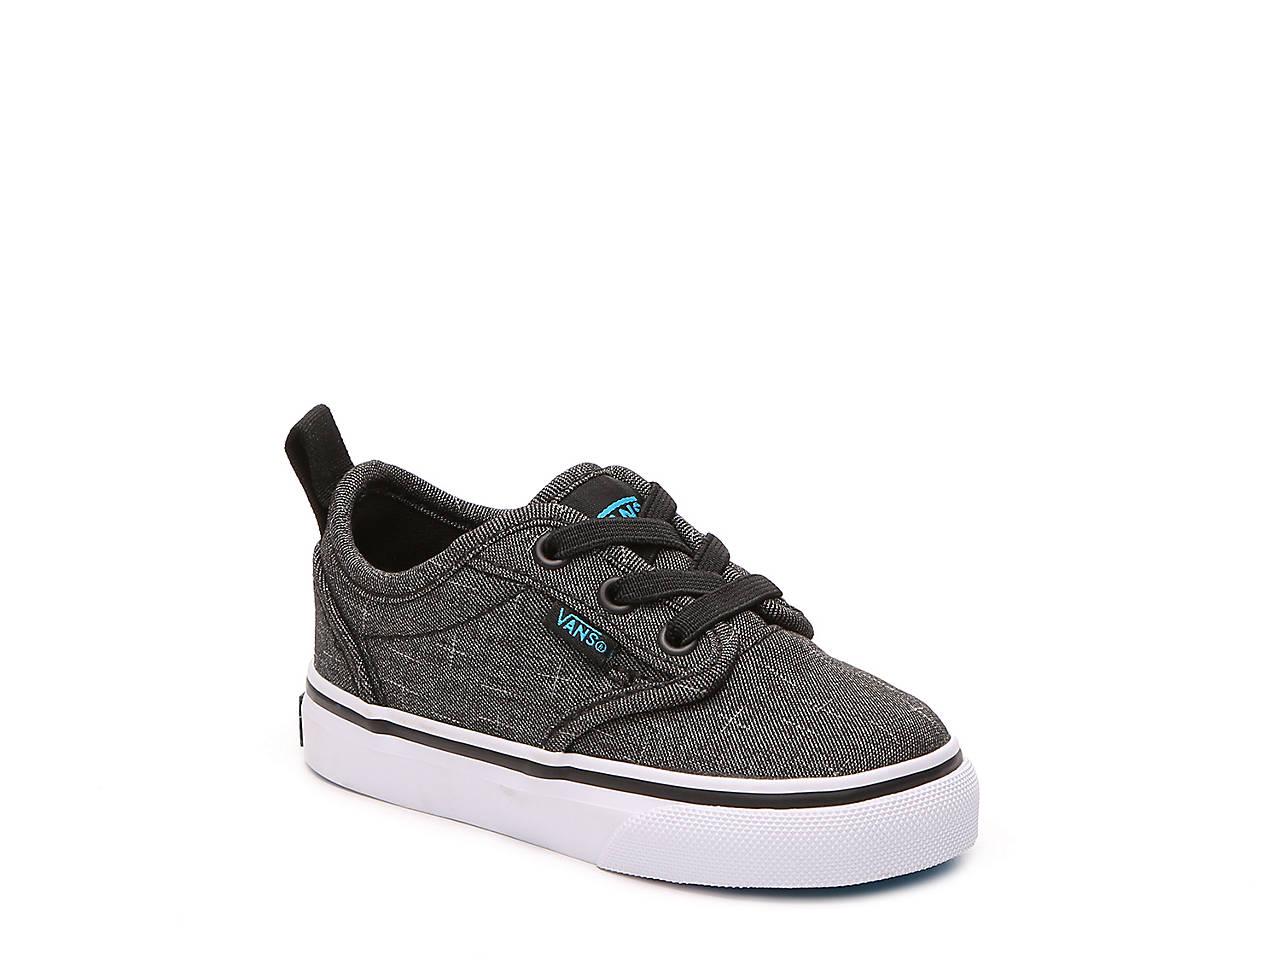 8e4236271d Vans Atwood Infant   Toddler Slip-On Sneaker Kids Shoes